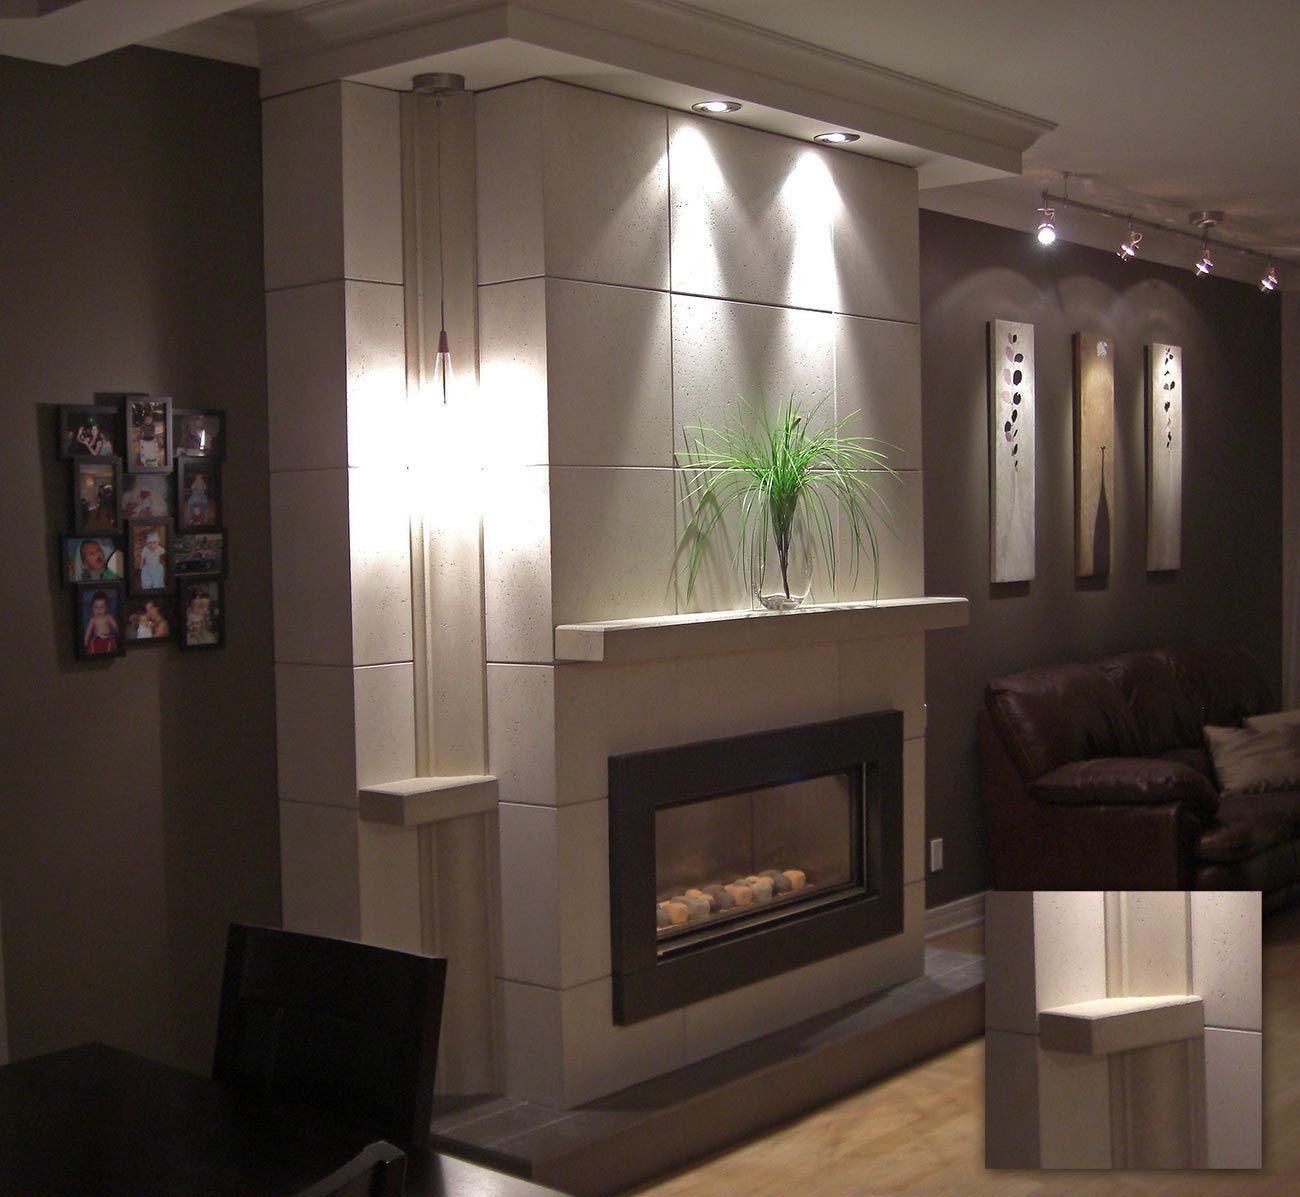 Mur Foyer Design : Image result for mur tv et foyer pinterest foyers